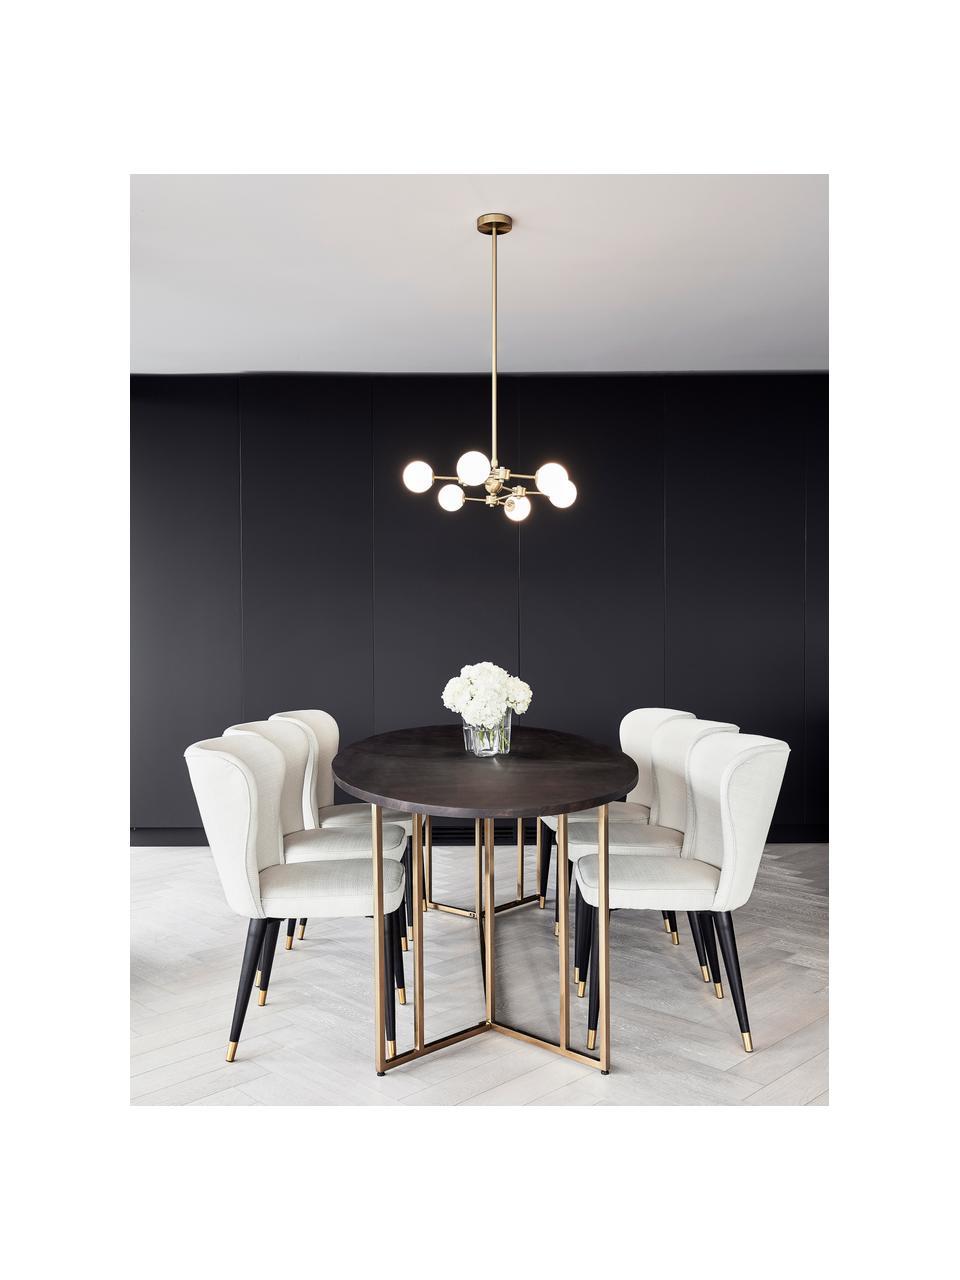 Ovaler Esstisch Luca mit Mangoholz, Tischplatte: Massives Mangoholz, gebür, Gestell: Metall, pulverbeschichtet, Braun, Goldfarben, B 180 x T 100 cm